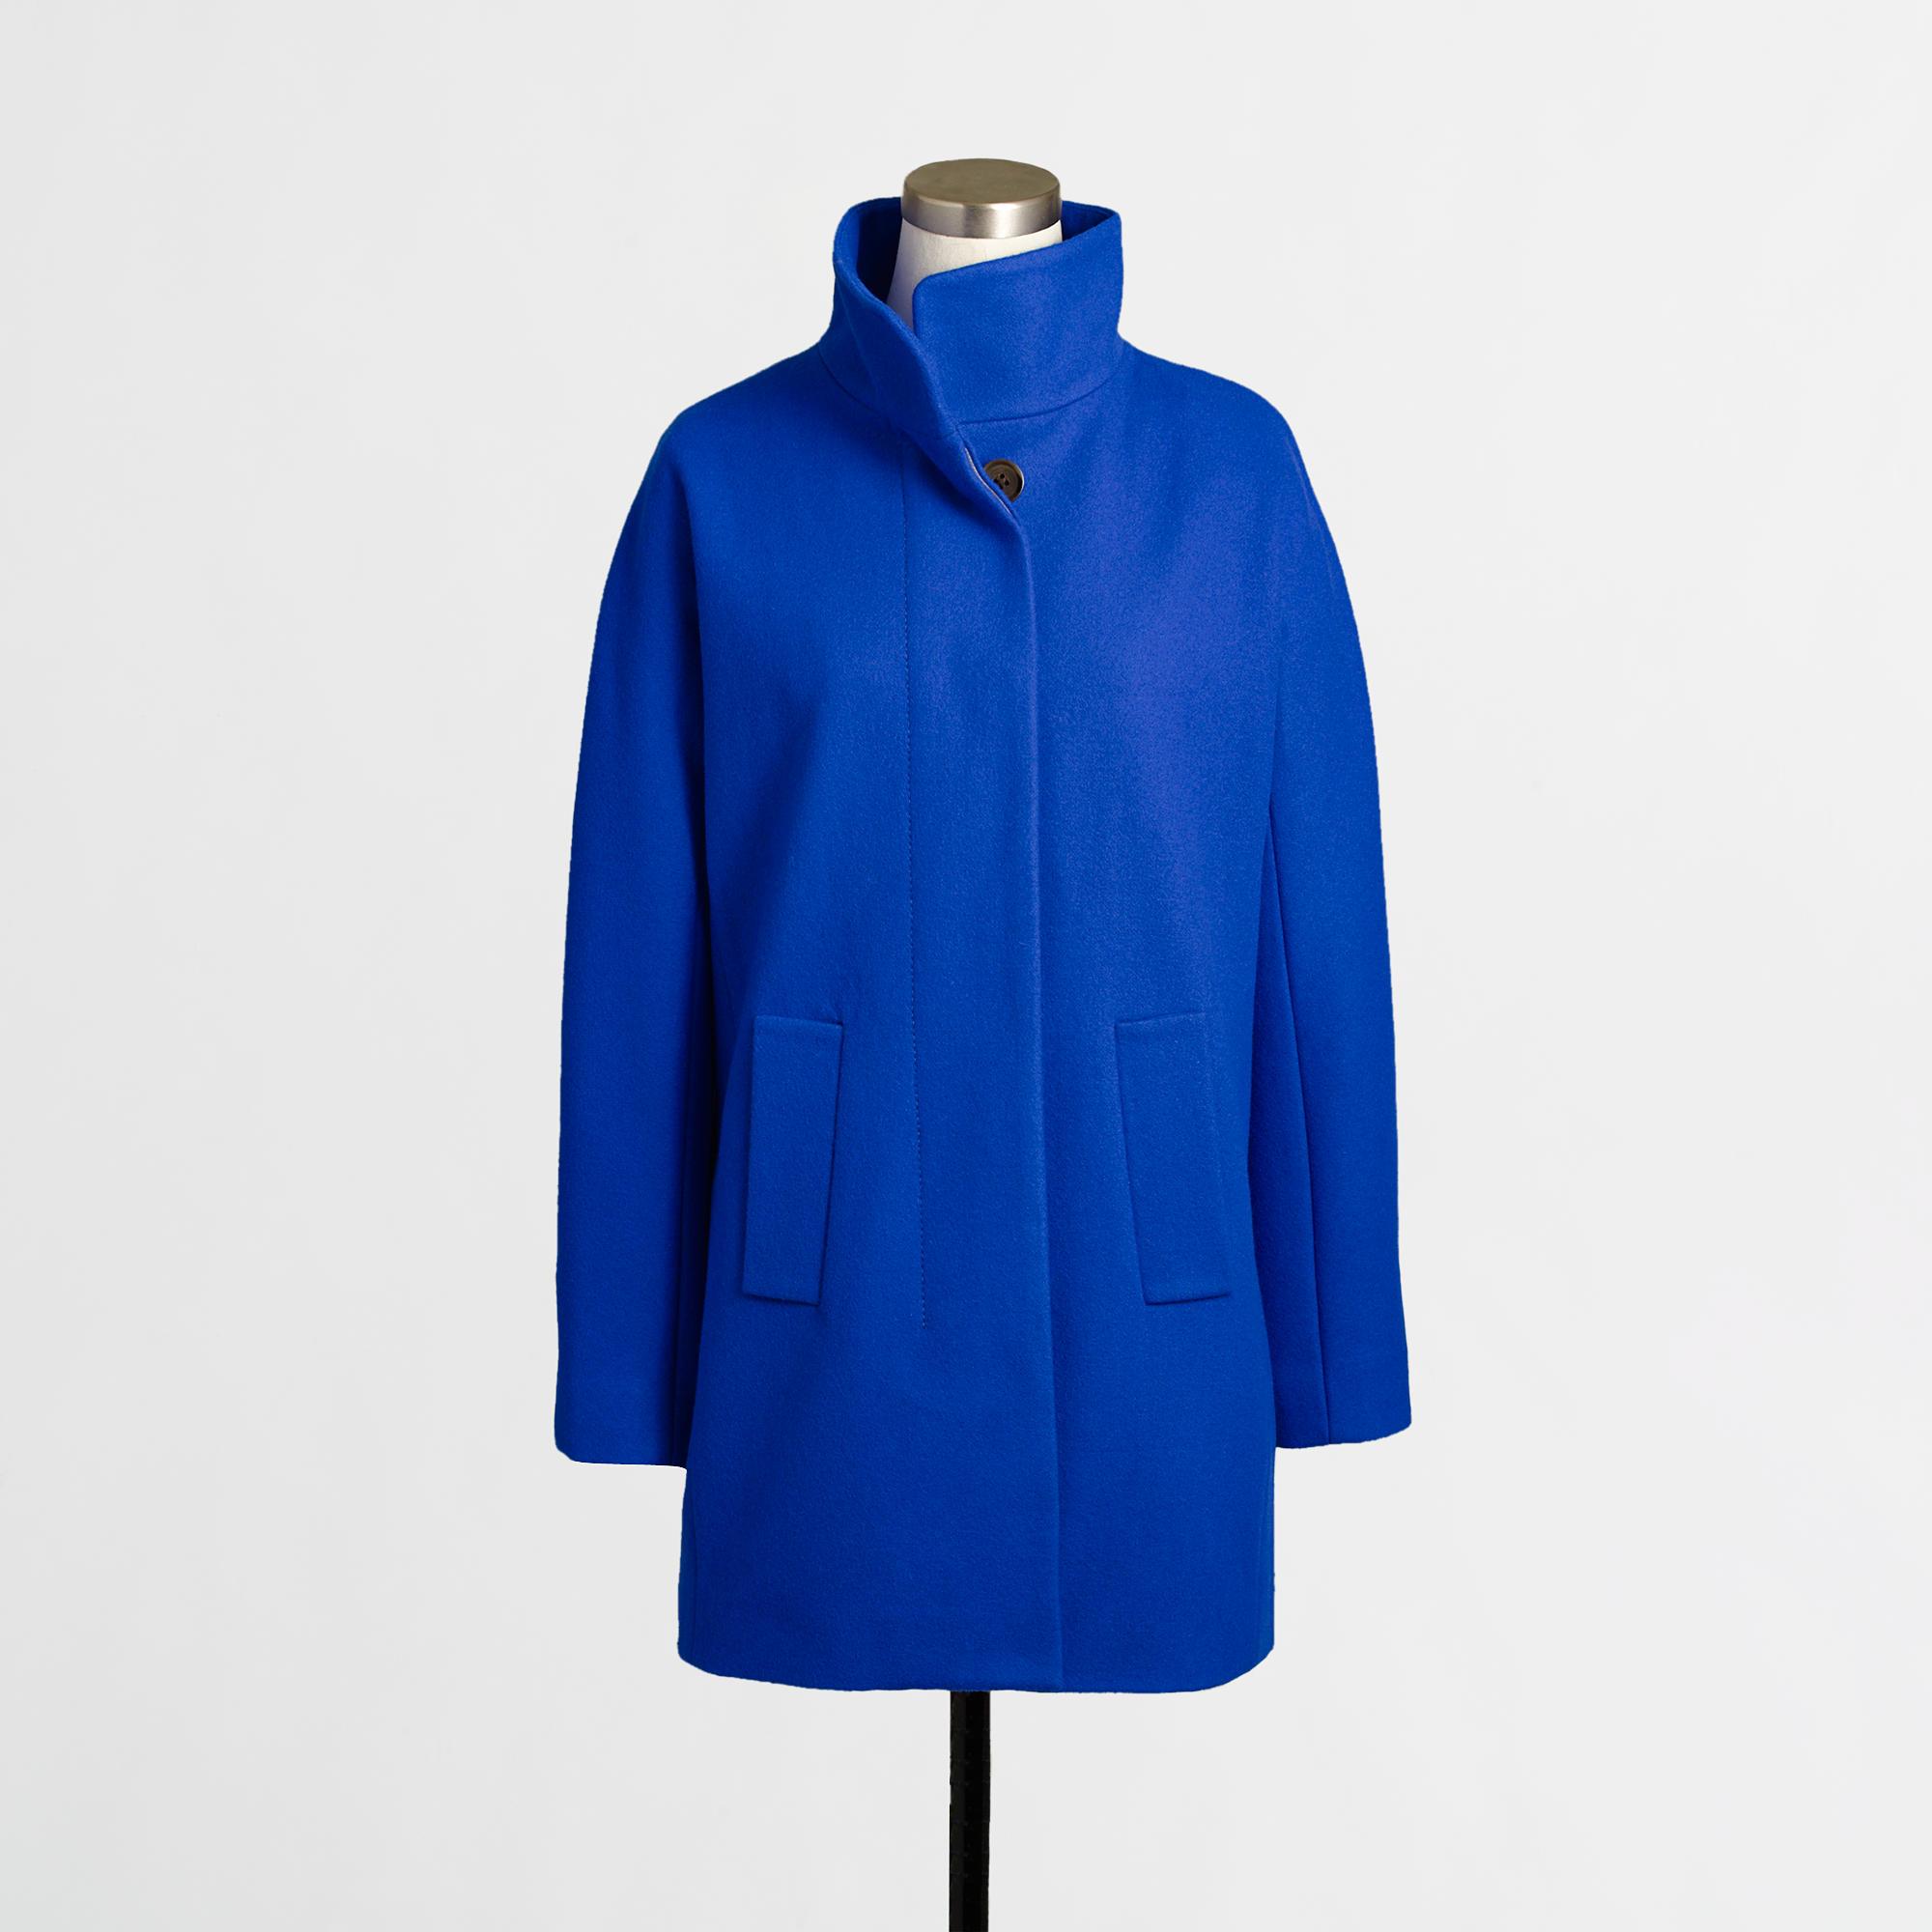 Cobalt Blue City Coat